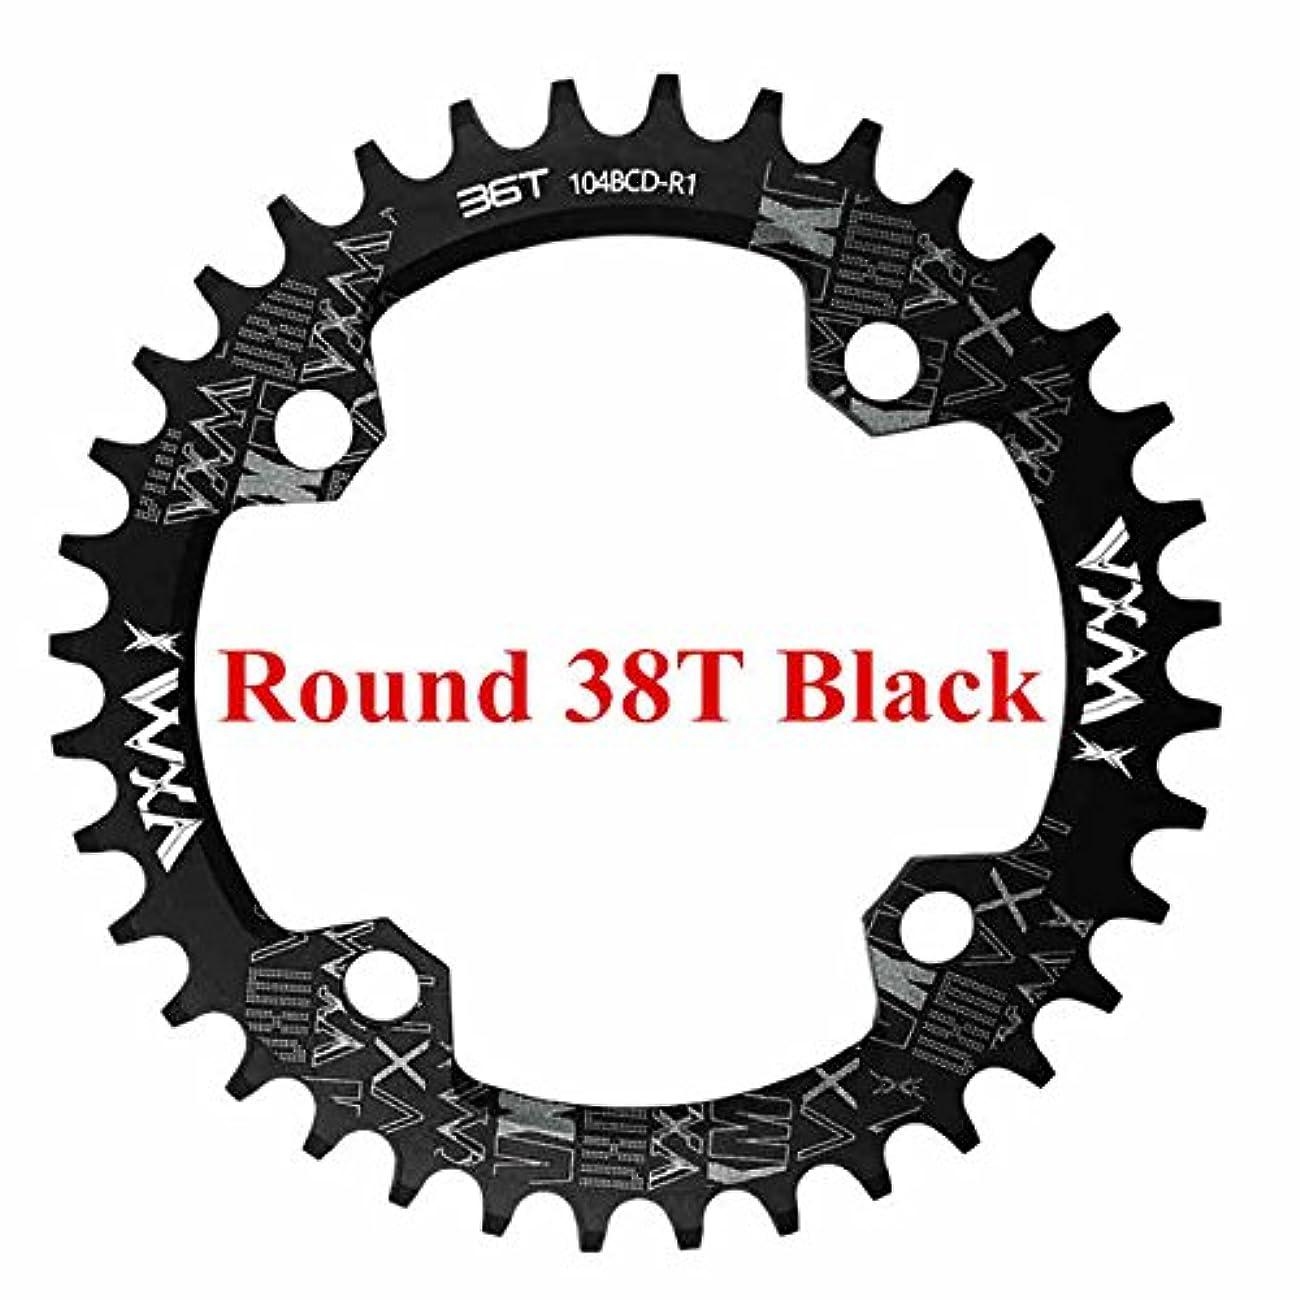 修士号アカデミー野なPropenary - 自転車104BCDクランクオーバルラウンド30T 32T 34T 36T 38T 40T 42T 44T 46T 48T 50T 52TチェーンホイールXT狭い広い自転車チェーンリング[ラウンド38Tブラック]